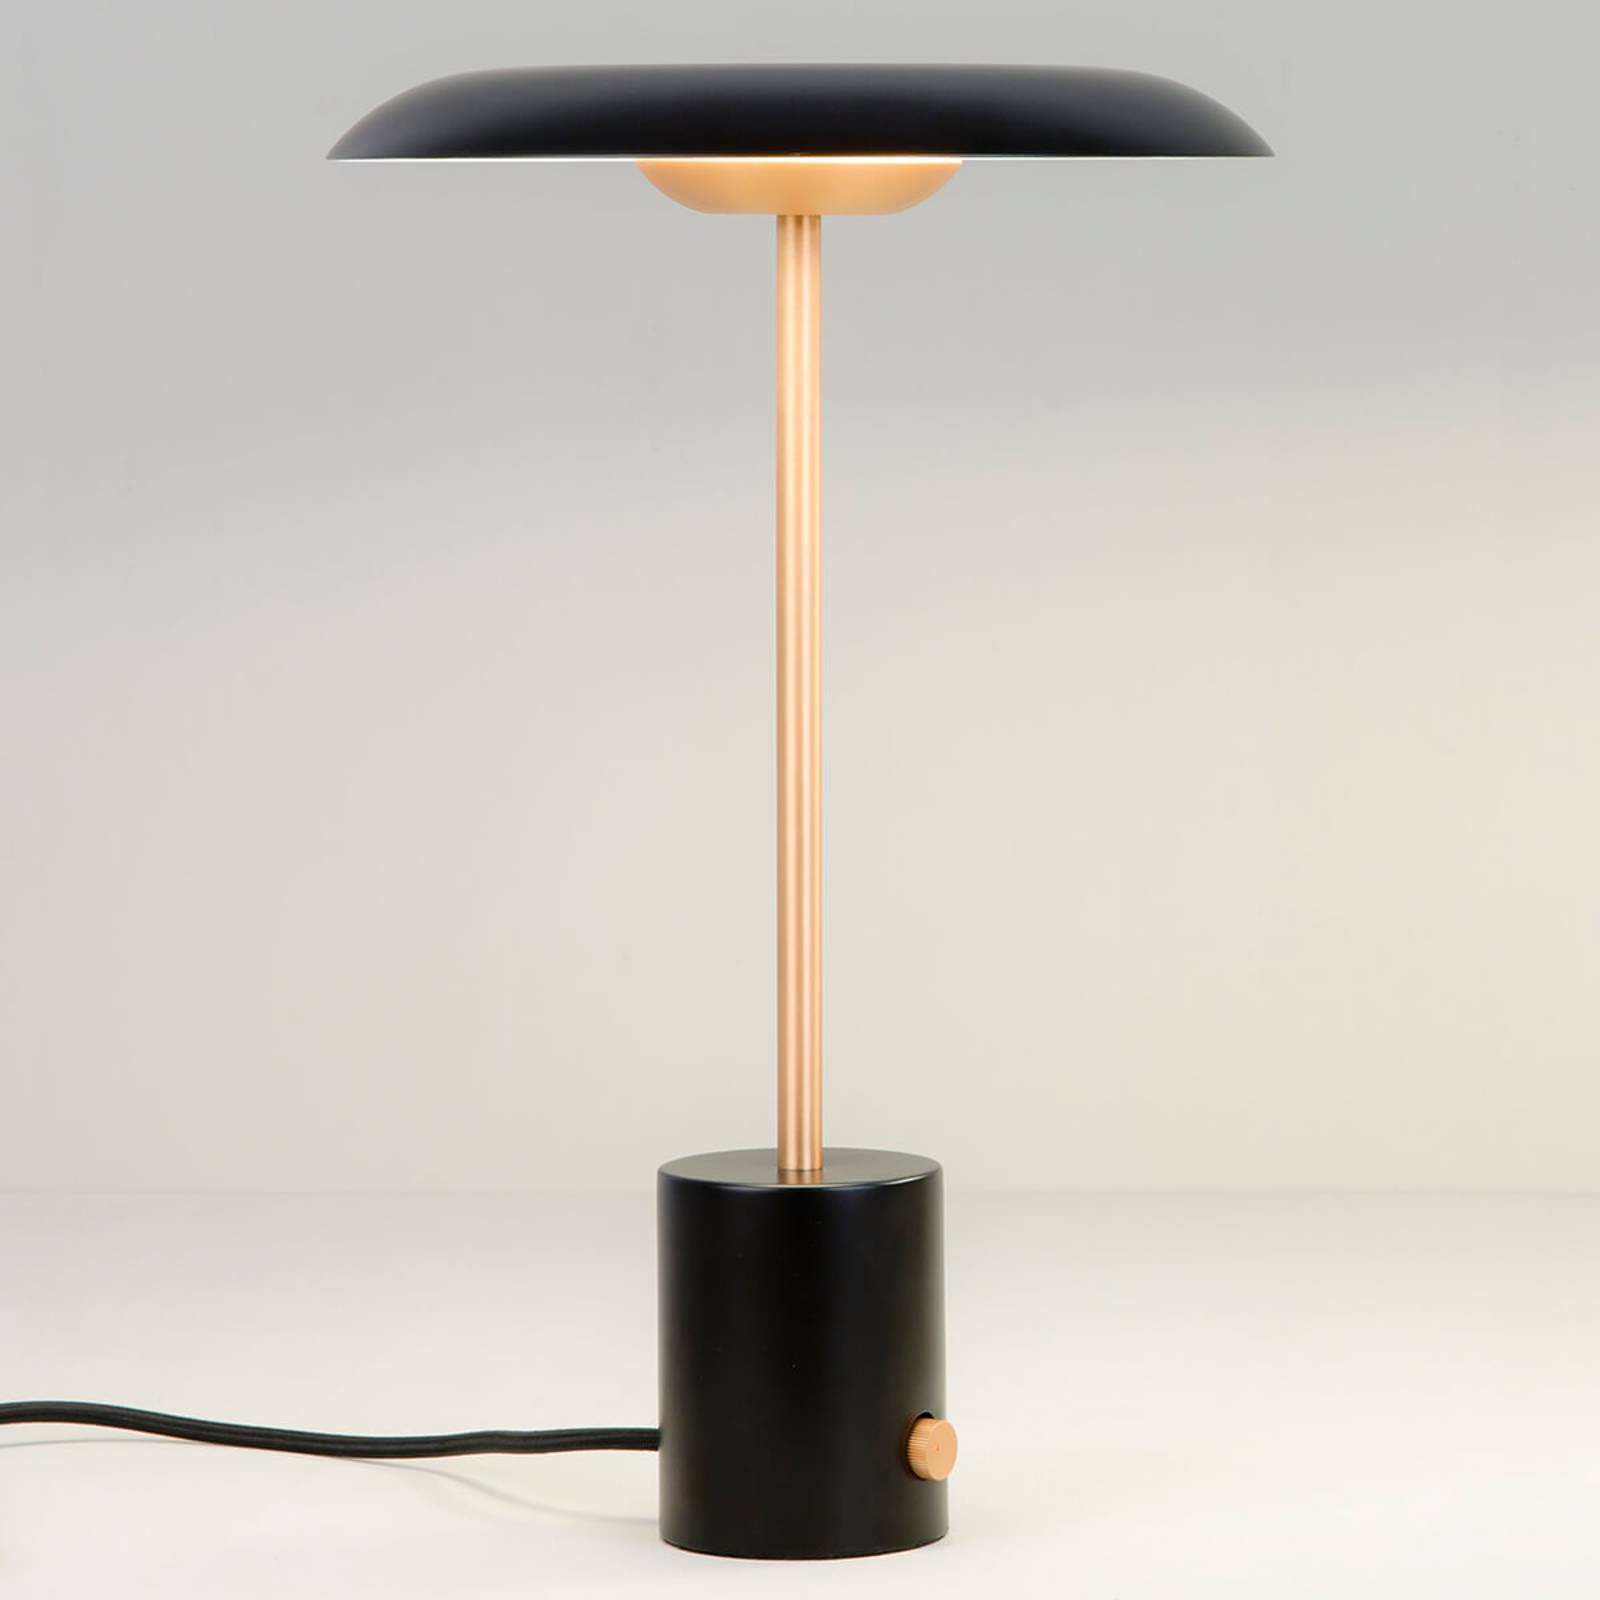 LED-bordlampe Hoshi med dimmer, svart og kobber